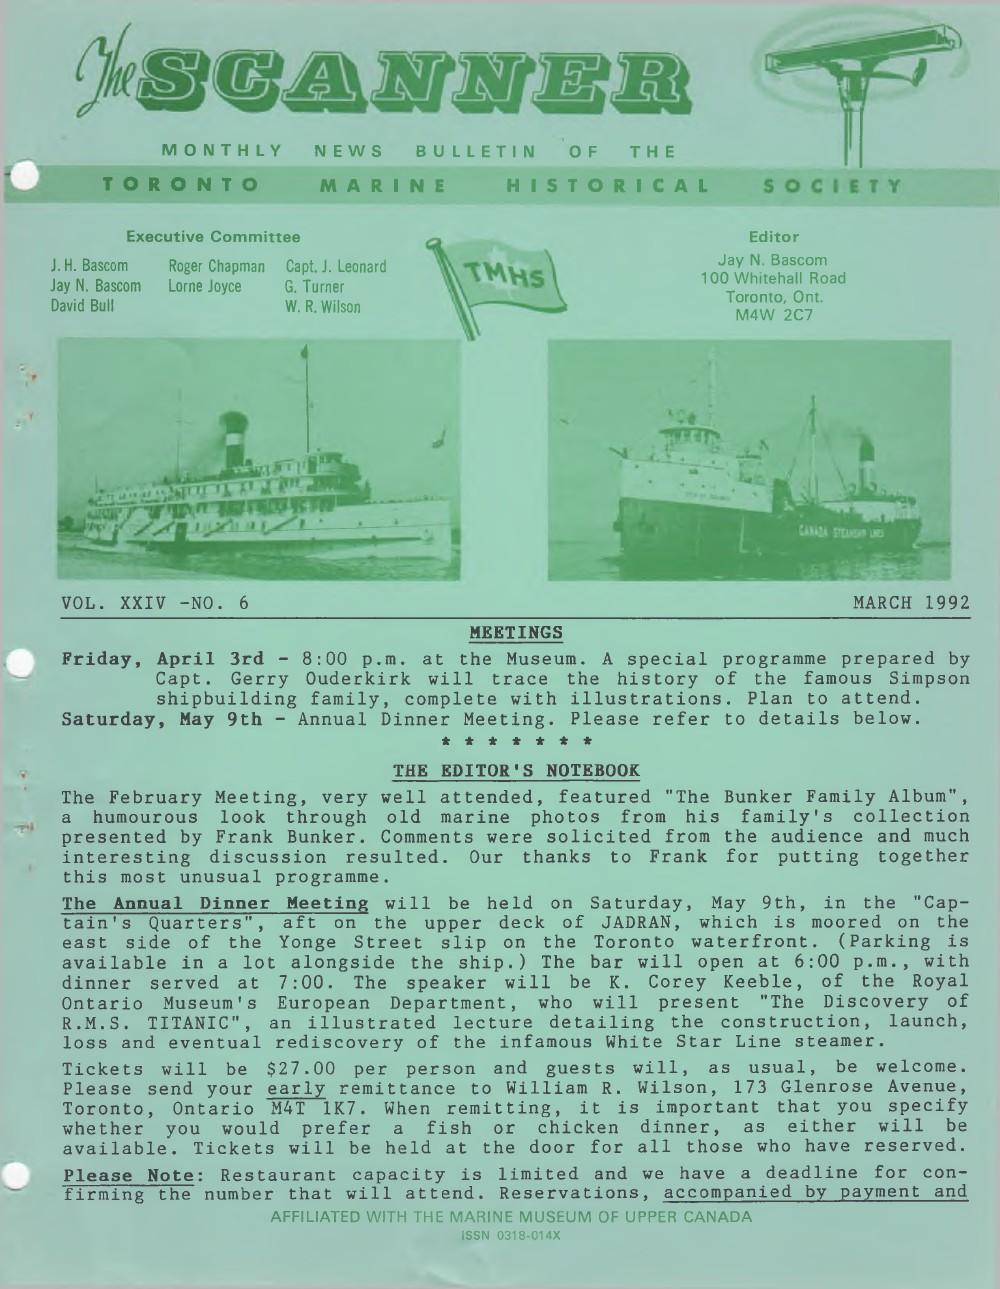 Scanner, v. 24, no. 6 (March 1992)